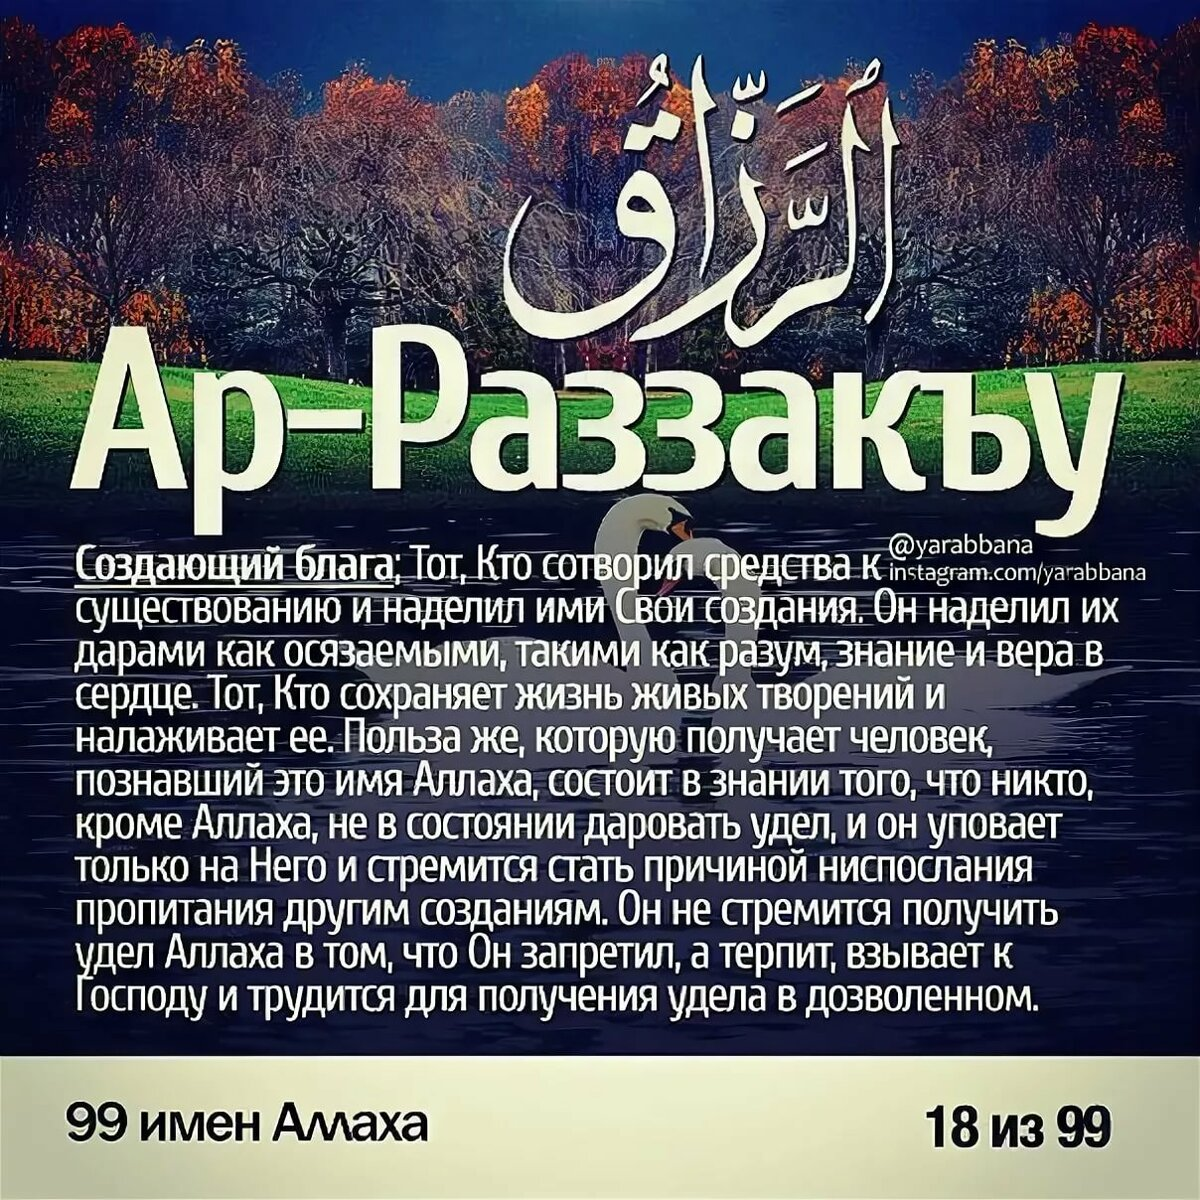 картинки с именами аллаха на русском величают деревней капитанов